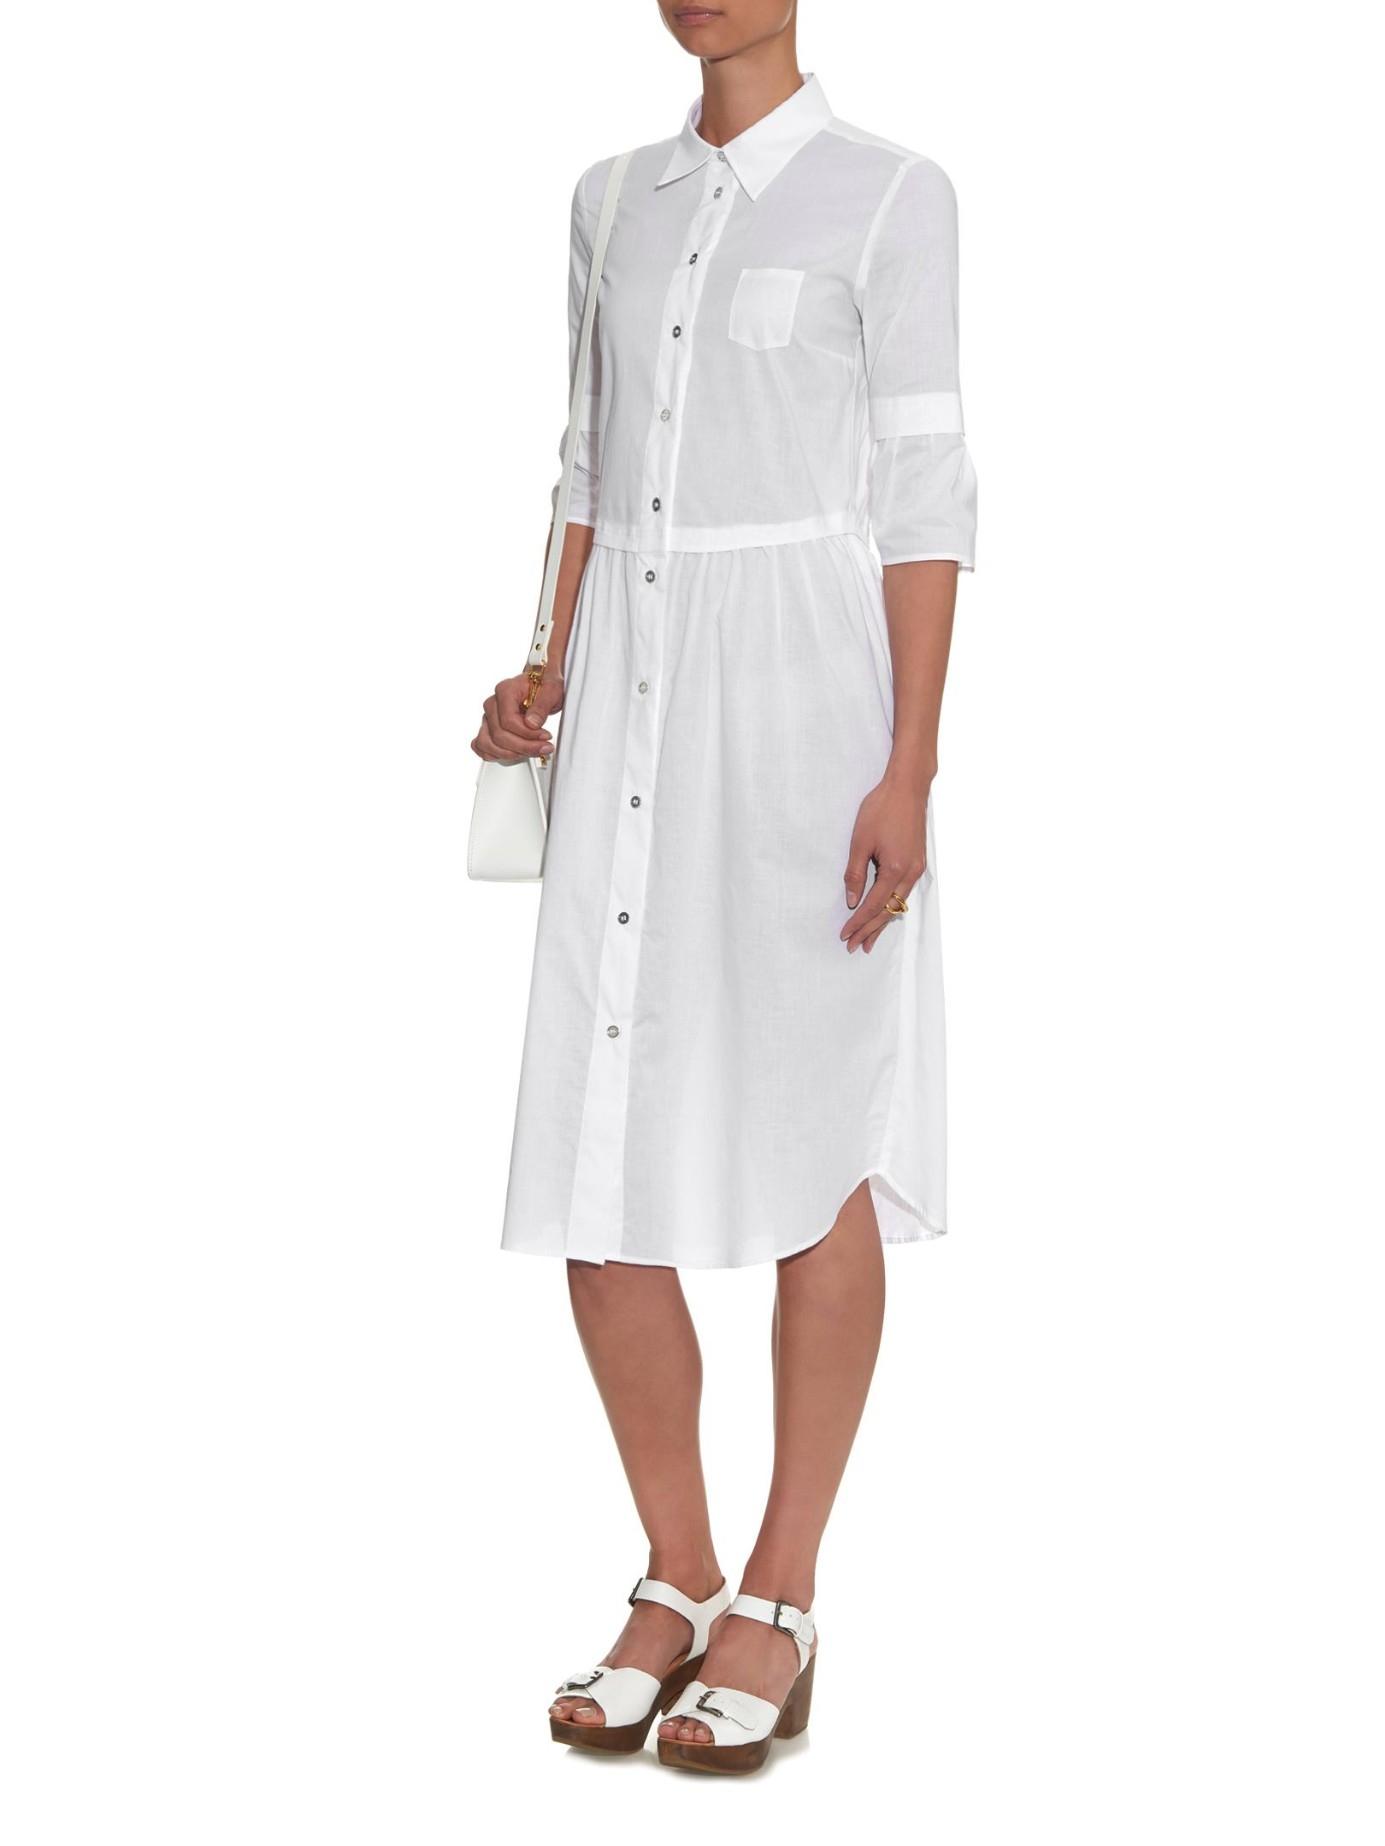 midi shirt dress - White Maison Martin Margiela i9h1I6